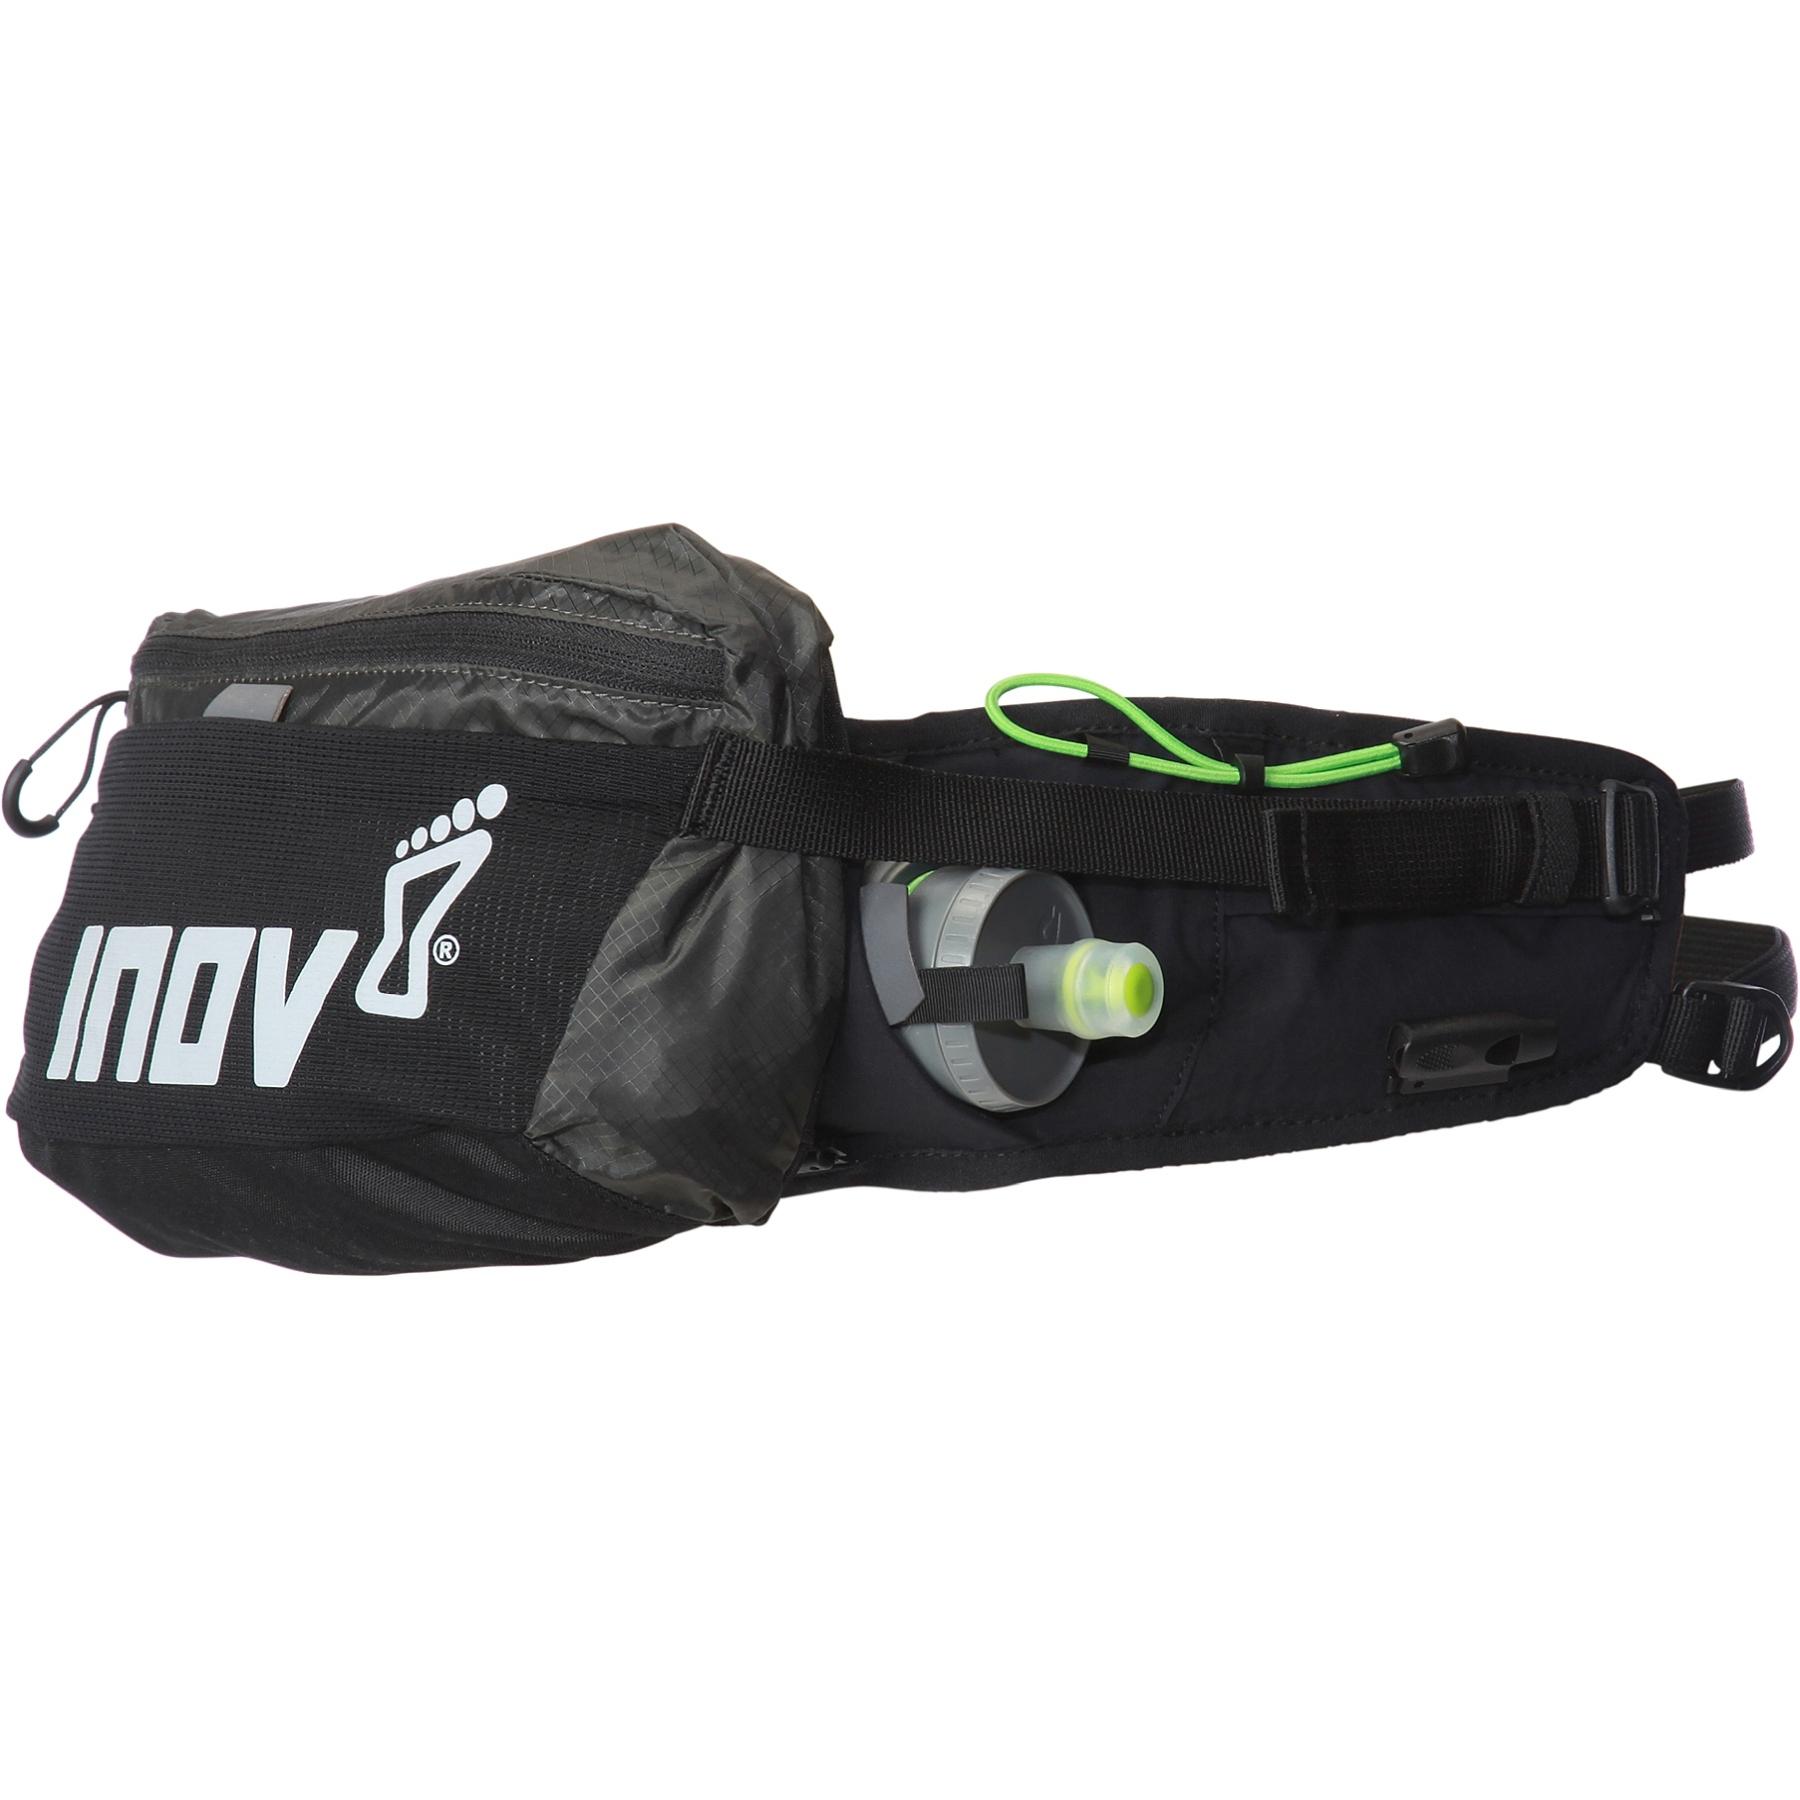 Produktbild von Inov-8 Race Ultra Pro (2in1) Waist Hüfttasche - black/grey